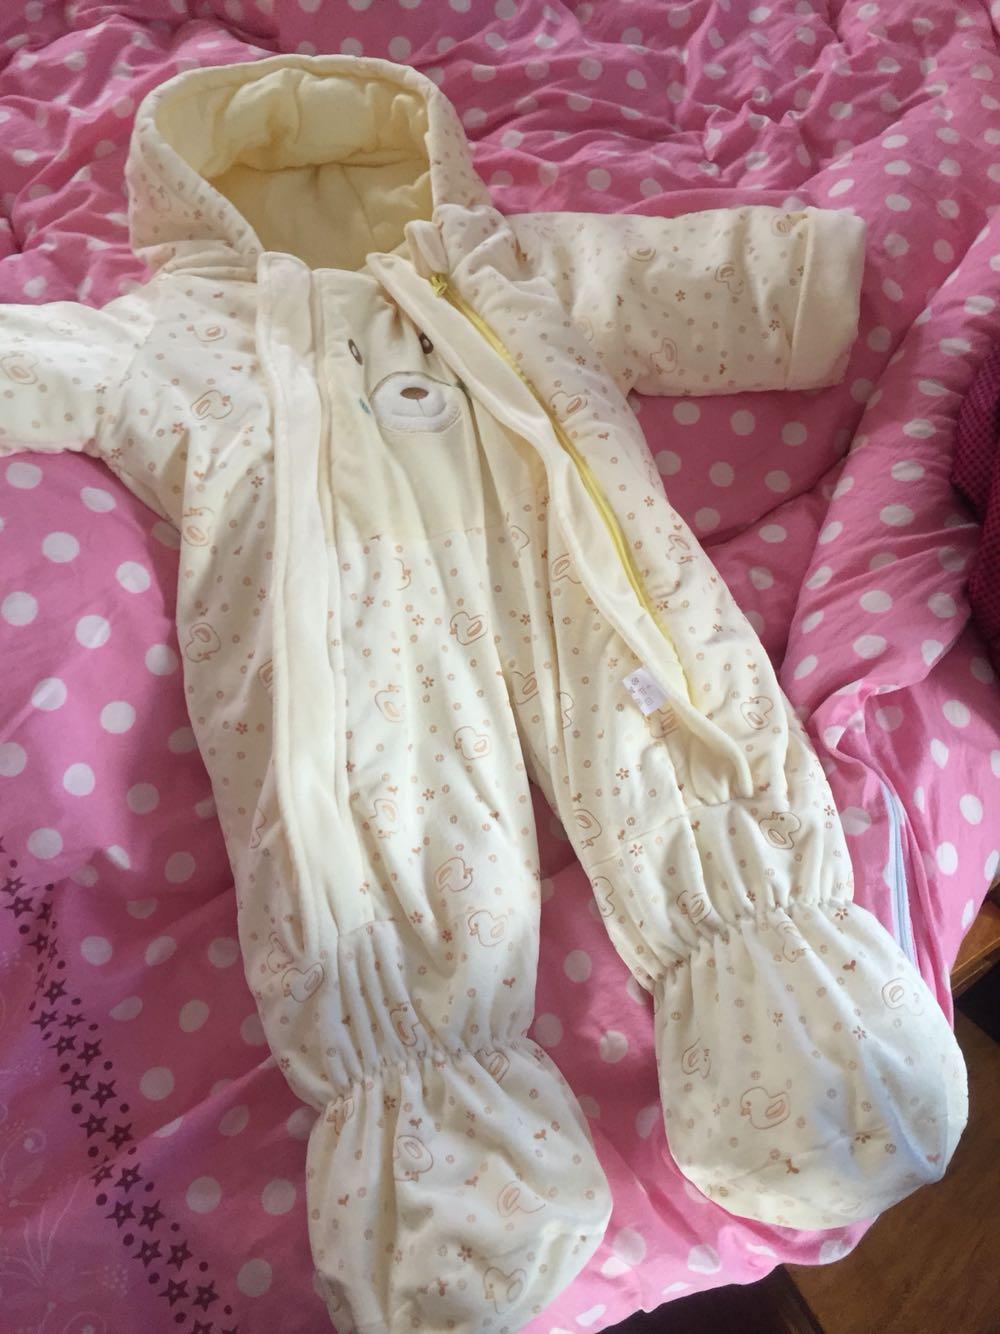 Oui, trésor, maman dit que très abordables, de bonne qualité squishy. online fashion uk shopping airmax97 0937696 women